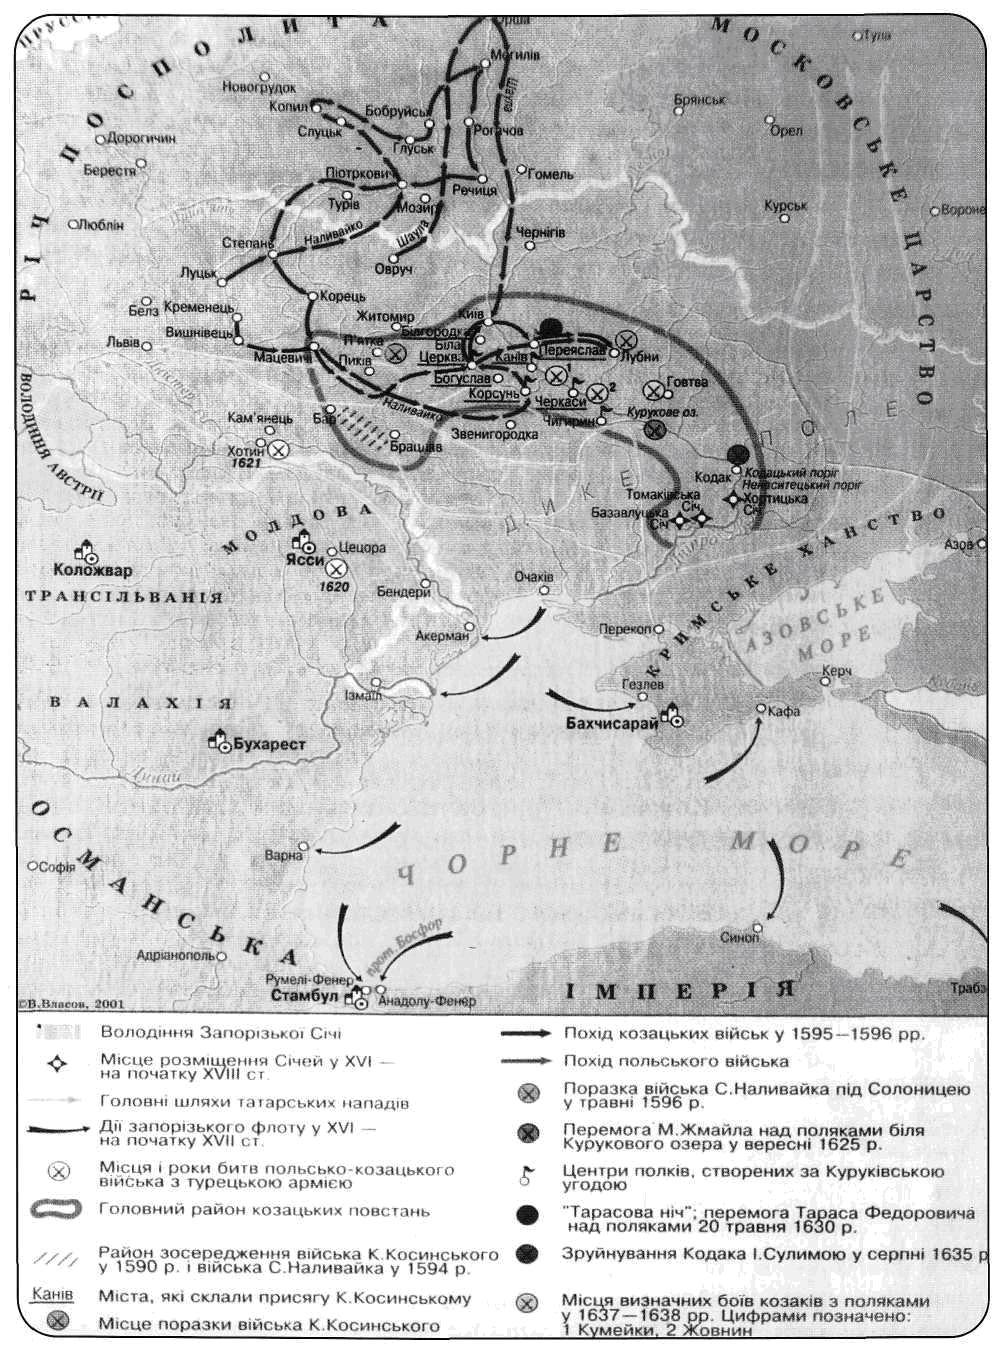 Карта козацьких повстань